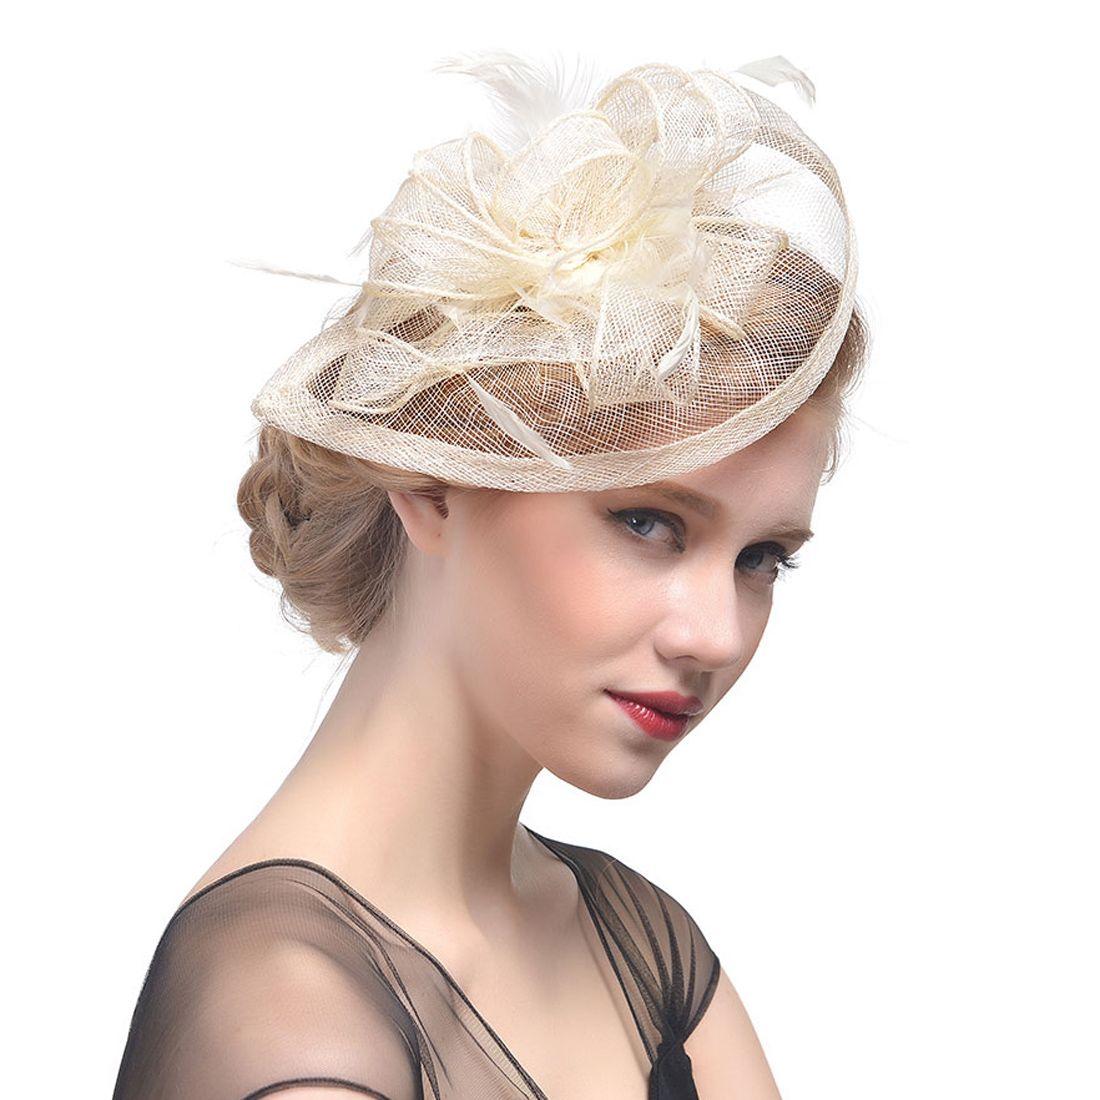 1f71d3827deb86 White Fascinator, Fascinator Hats, Occasion Hats, Wedding Fascinators,  Fascinator Hairstyles, Let